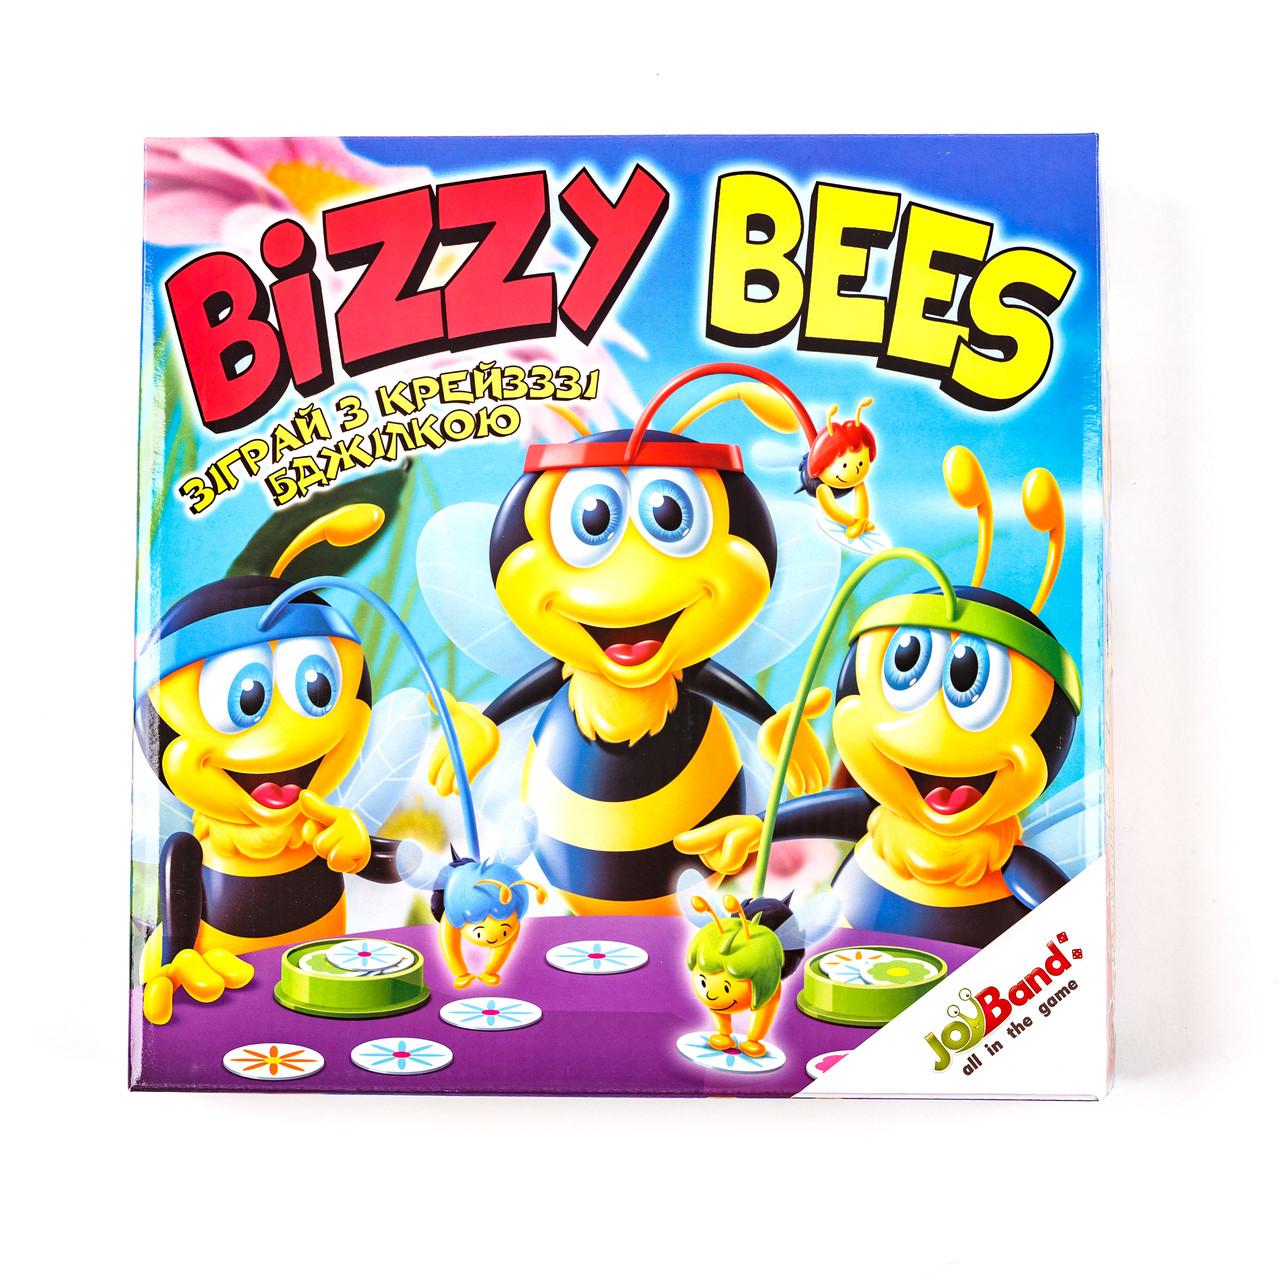 Настольная игра JoyBand для детей 6-13 лет Трудолюбивые пчелки (70000) (4897021196753)